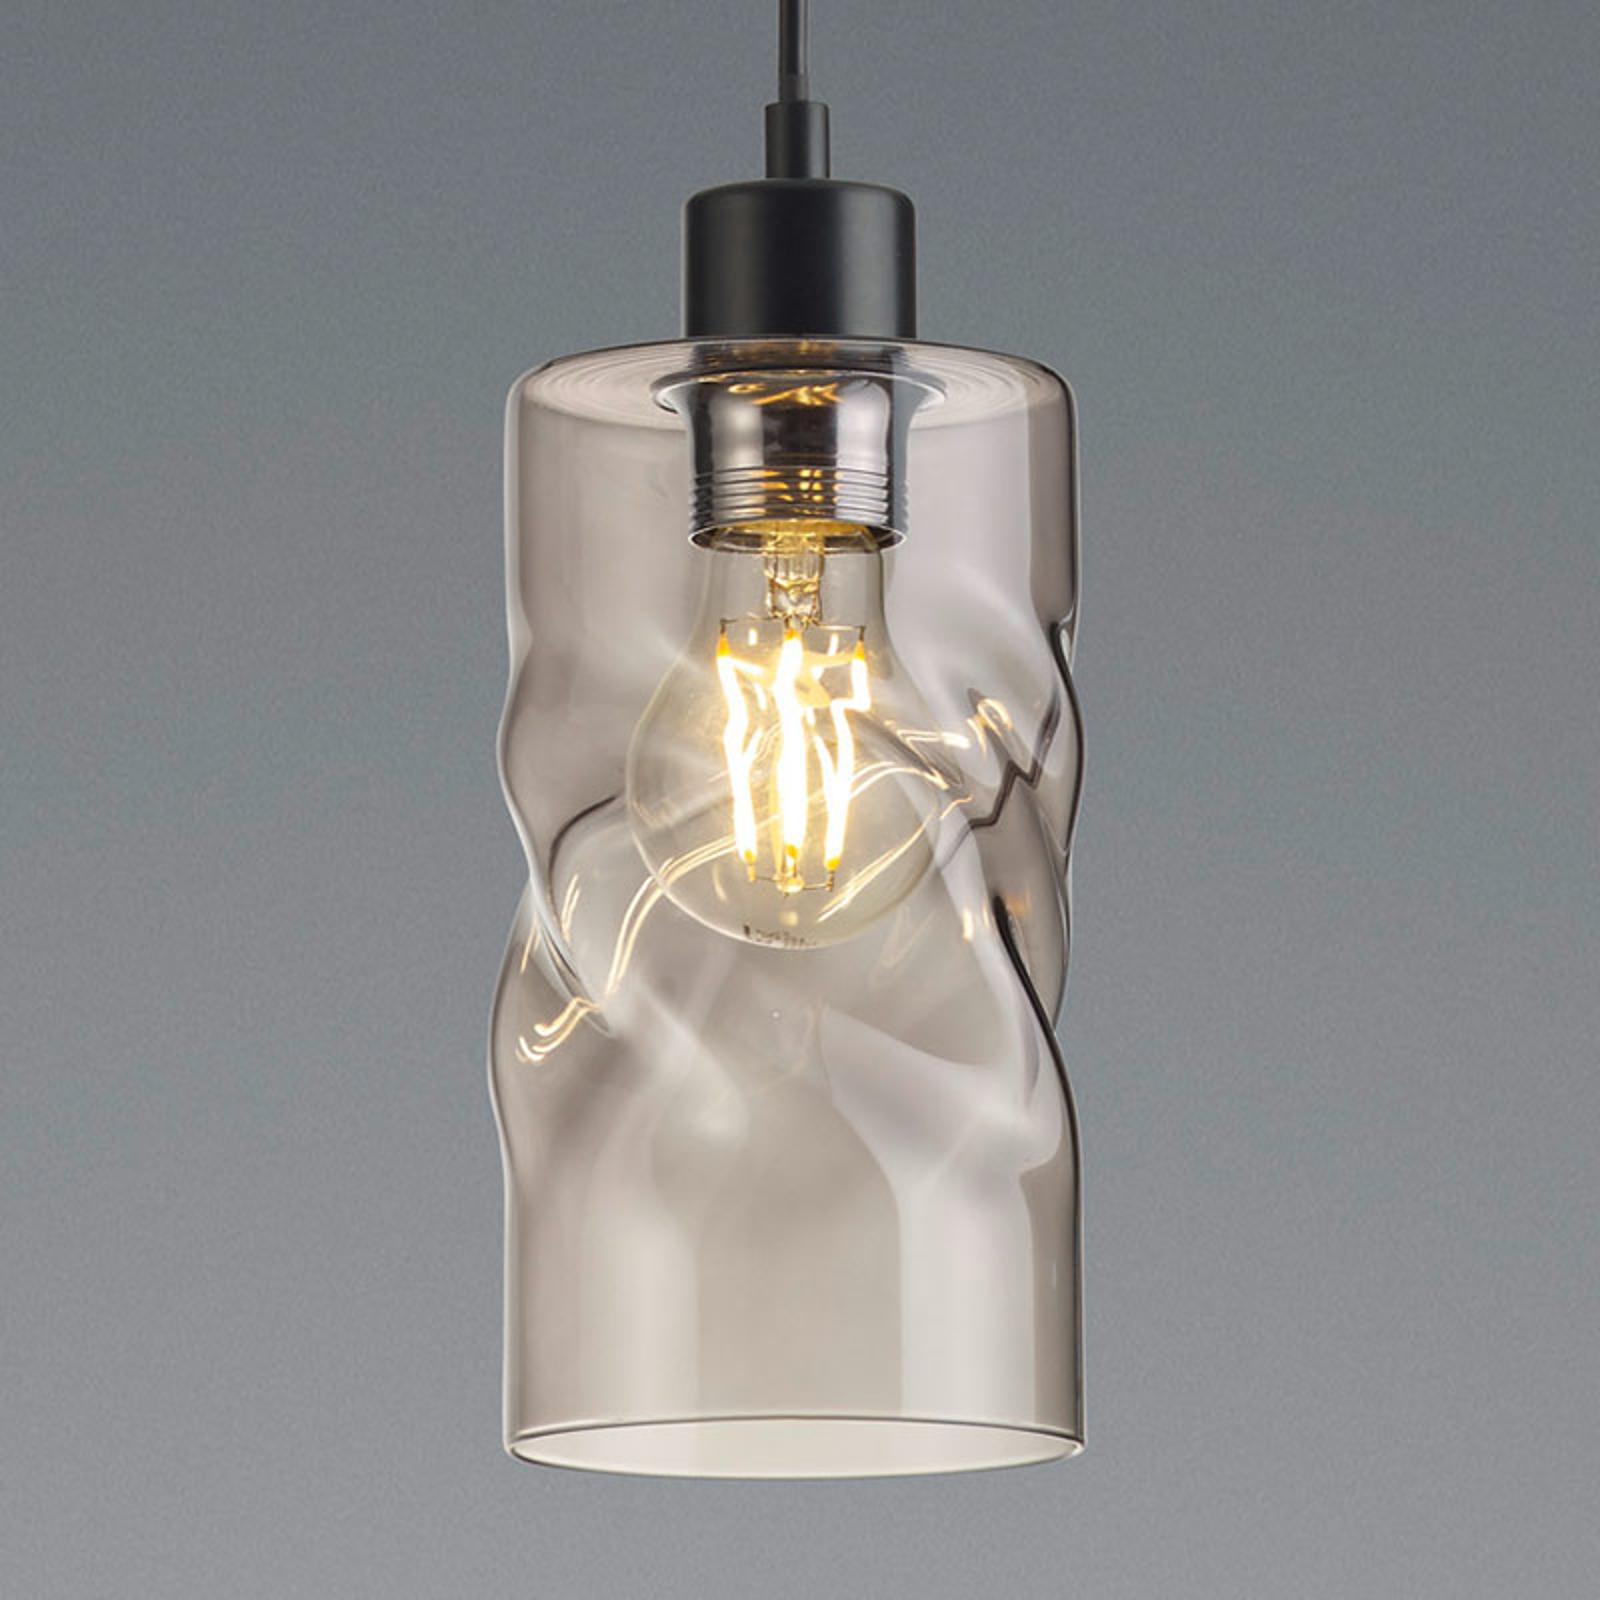 Lampa wisząca Swirl ze szkła, 1-pkt., szary dymny